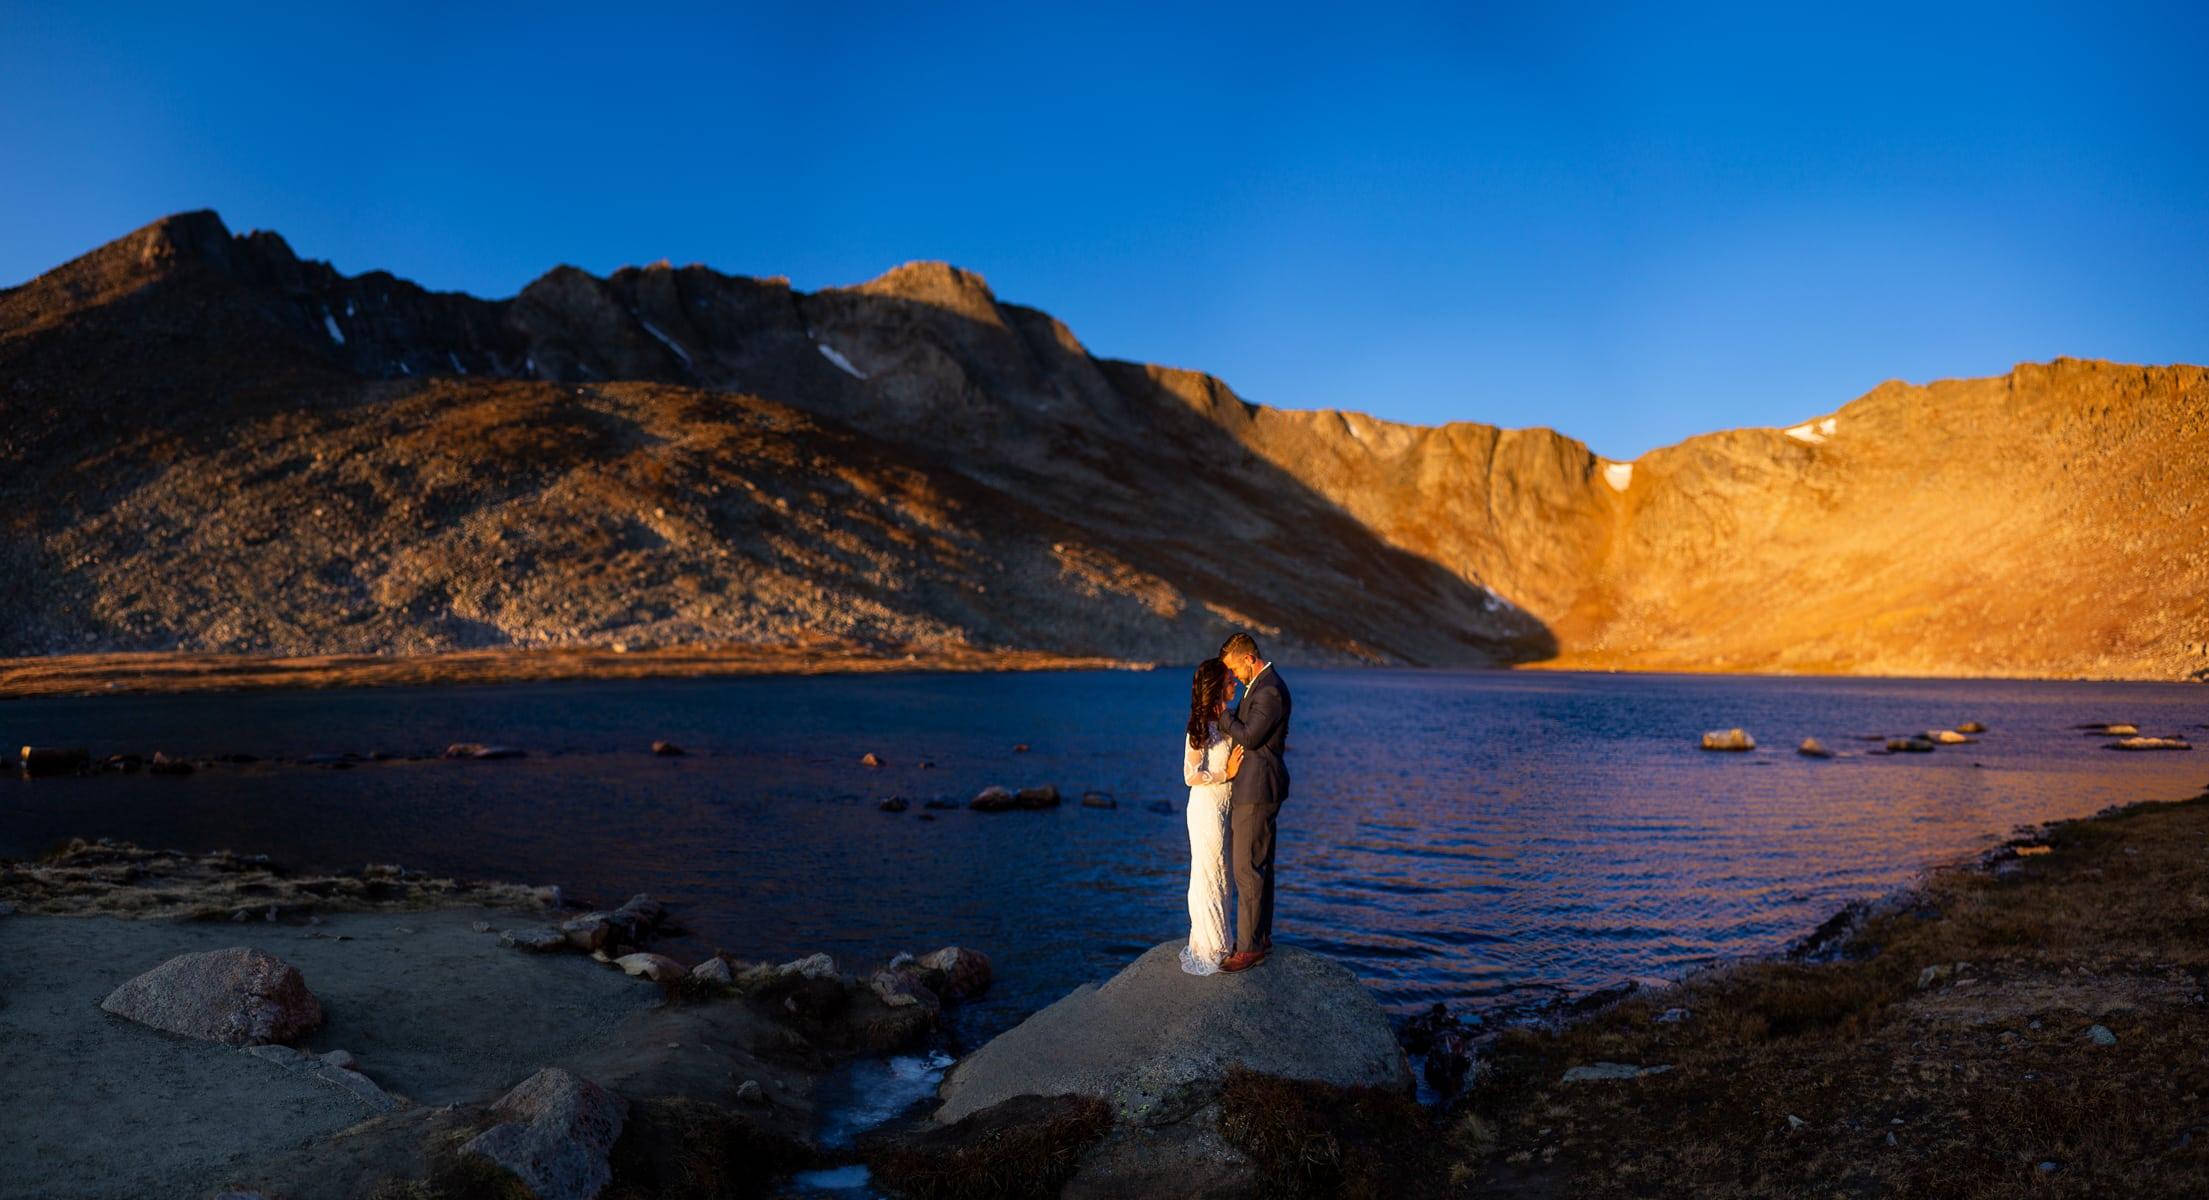 Mt evans Colorado elopement photo at sunrise